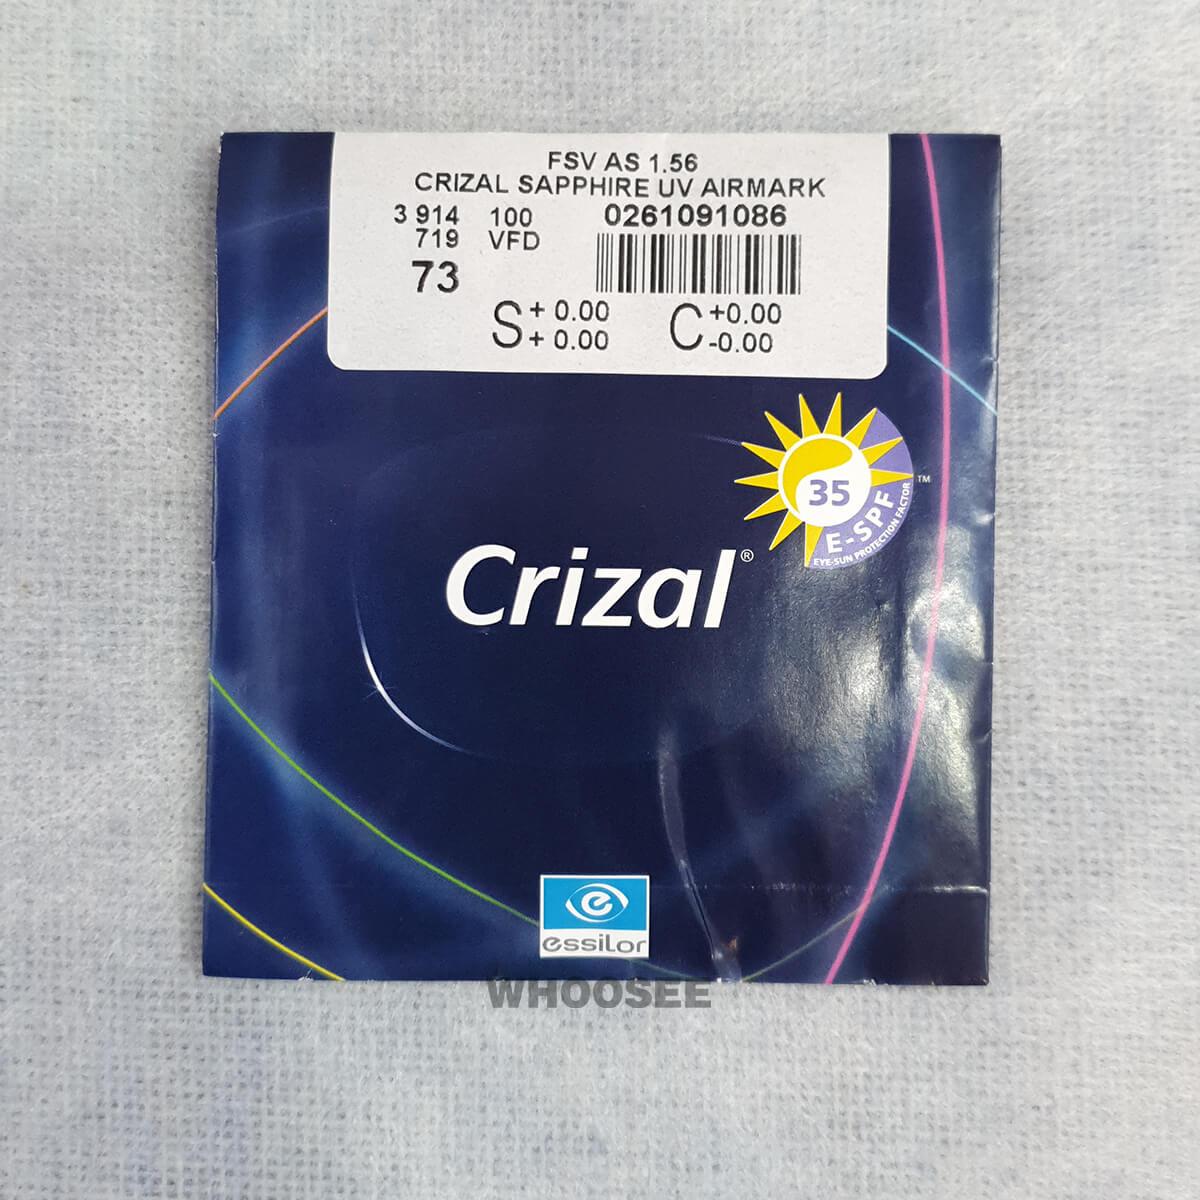 Tròng Kính Crizal Sapphire Uv Airmark 156